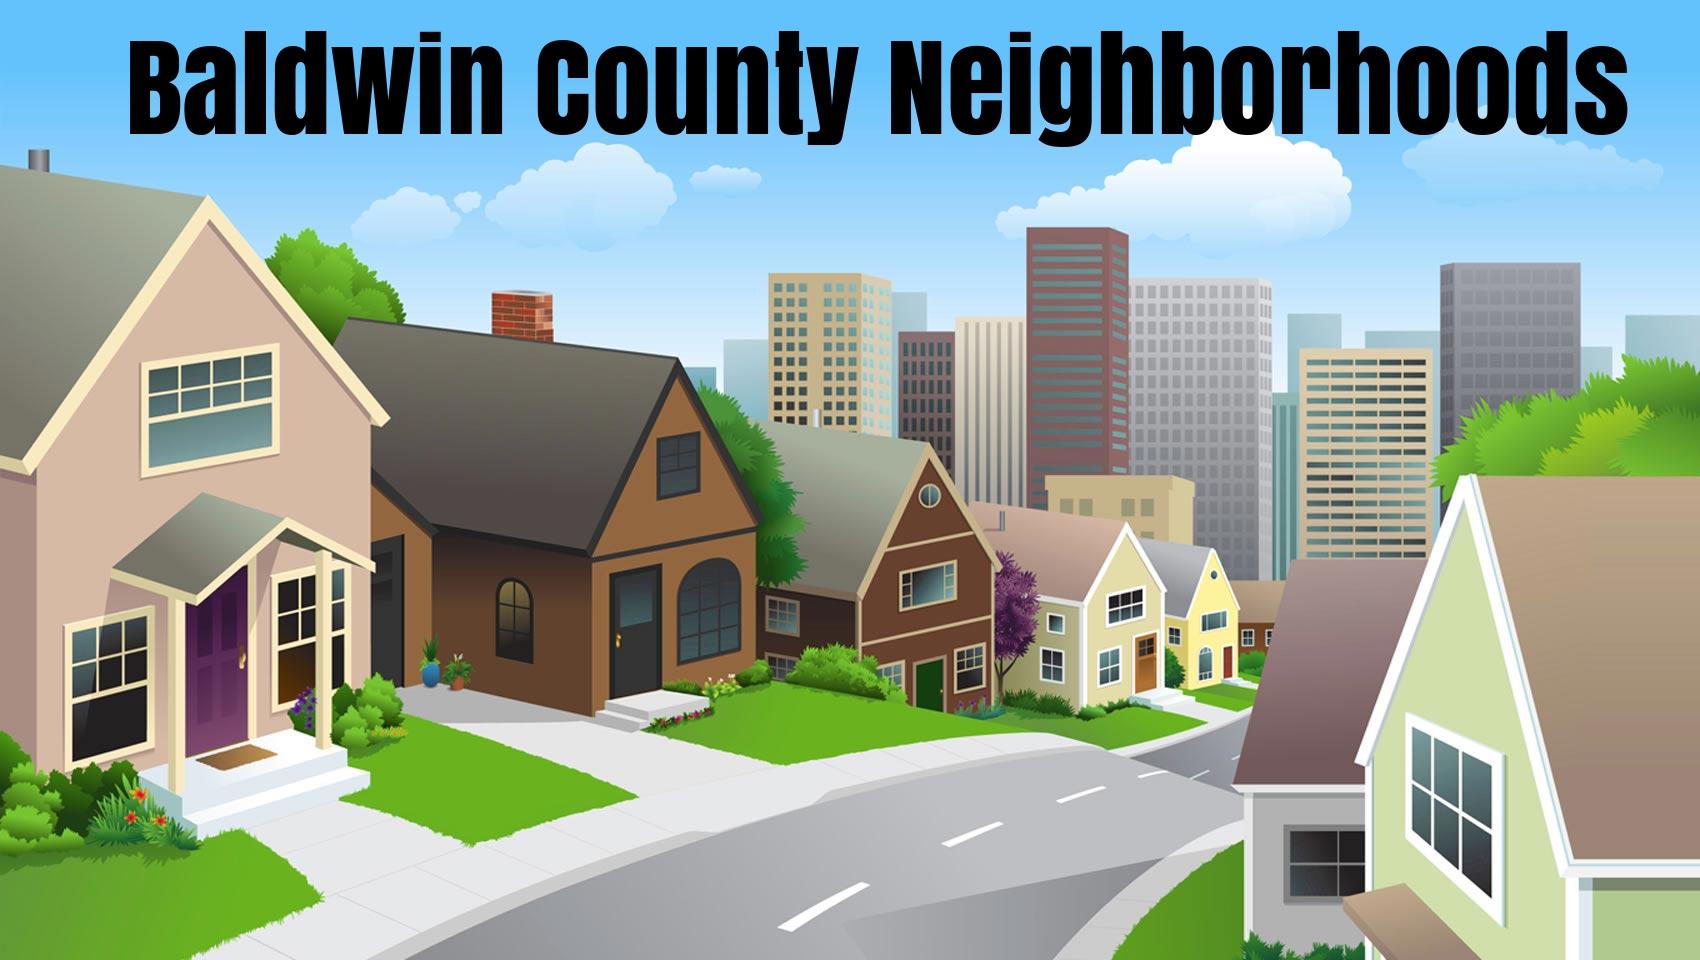 Alabama baldwin county stockton - Baldwin County Al Neighborhoods